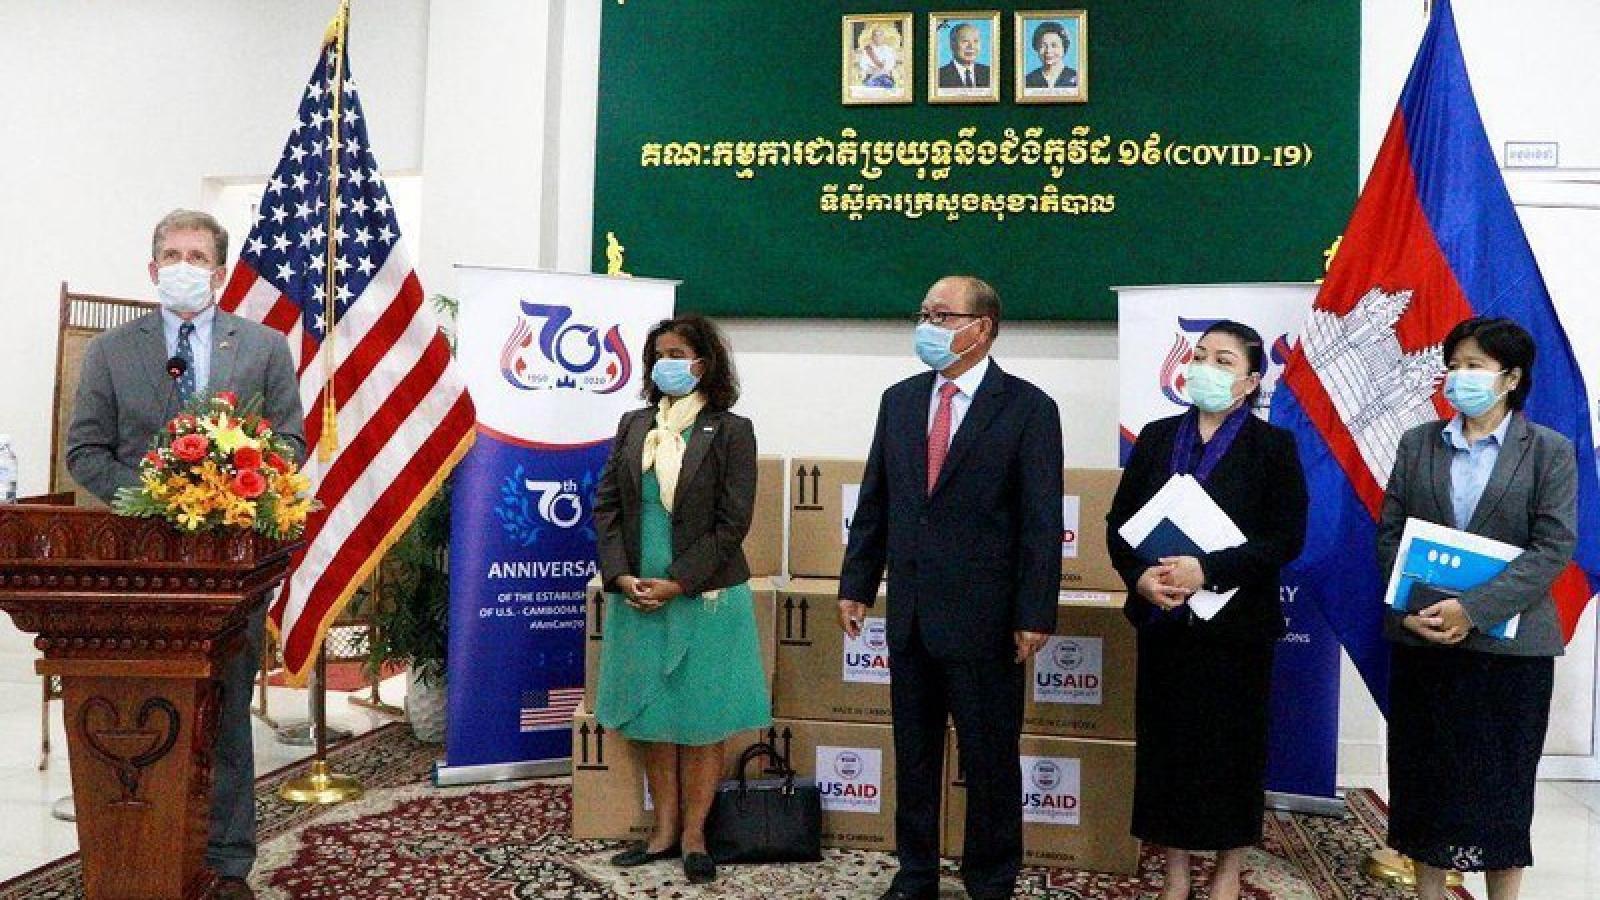 Mỹ viện trợ hơn 3,5 triệu USD hỗ trợ Campuchia phòng chống Covid-19